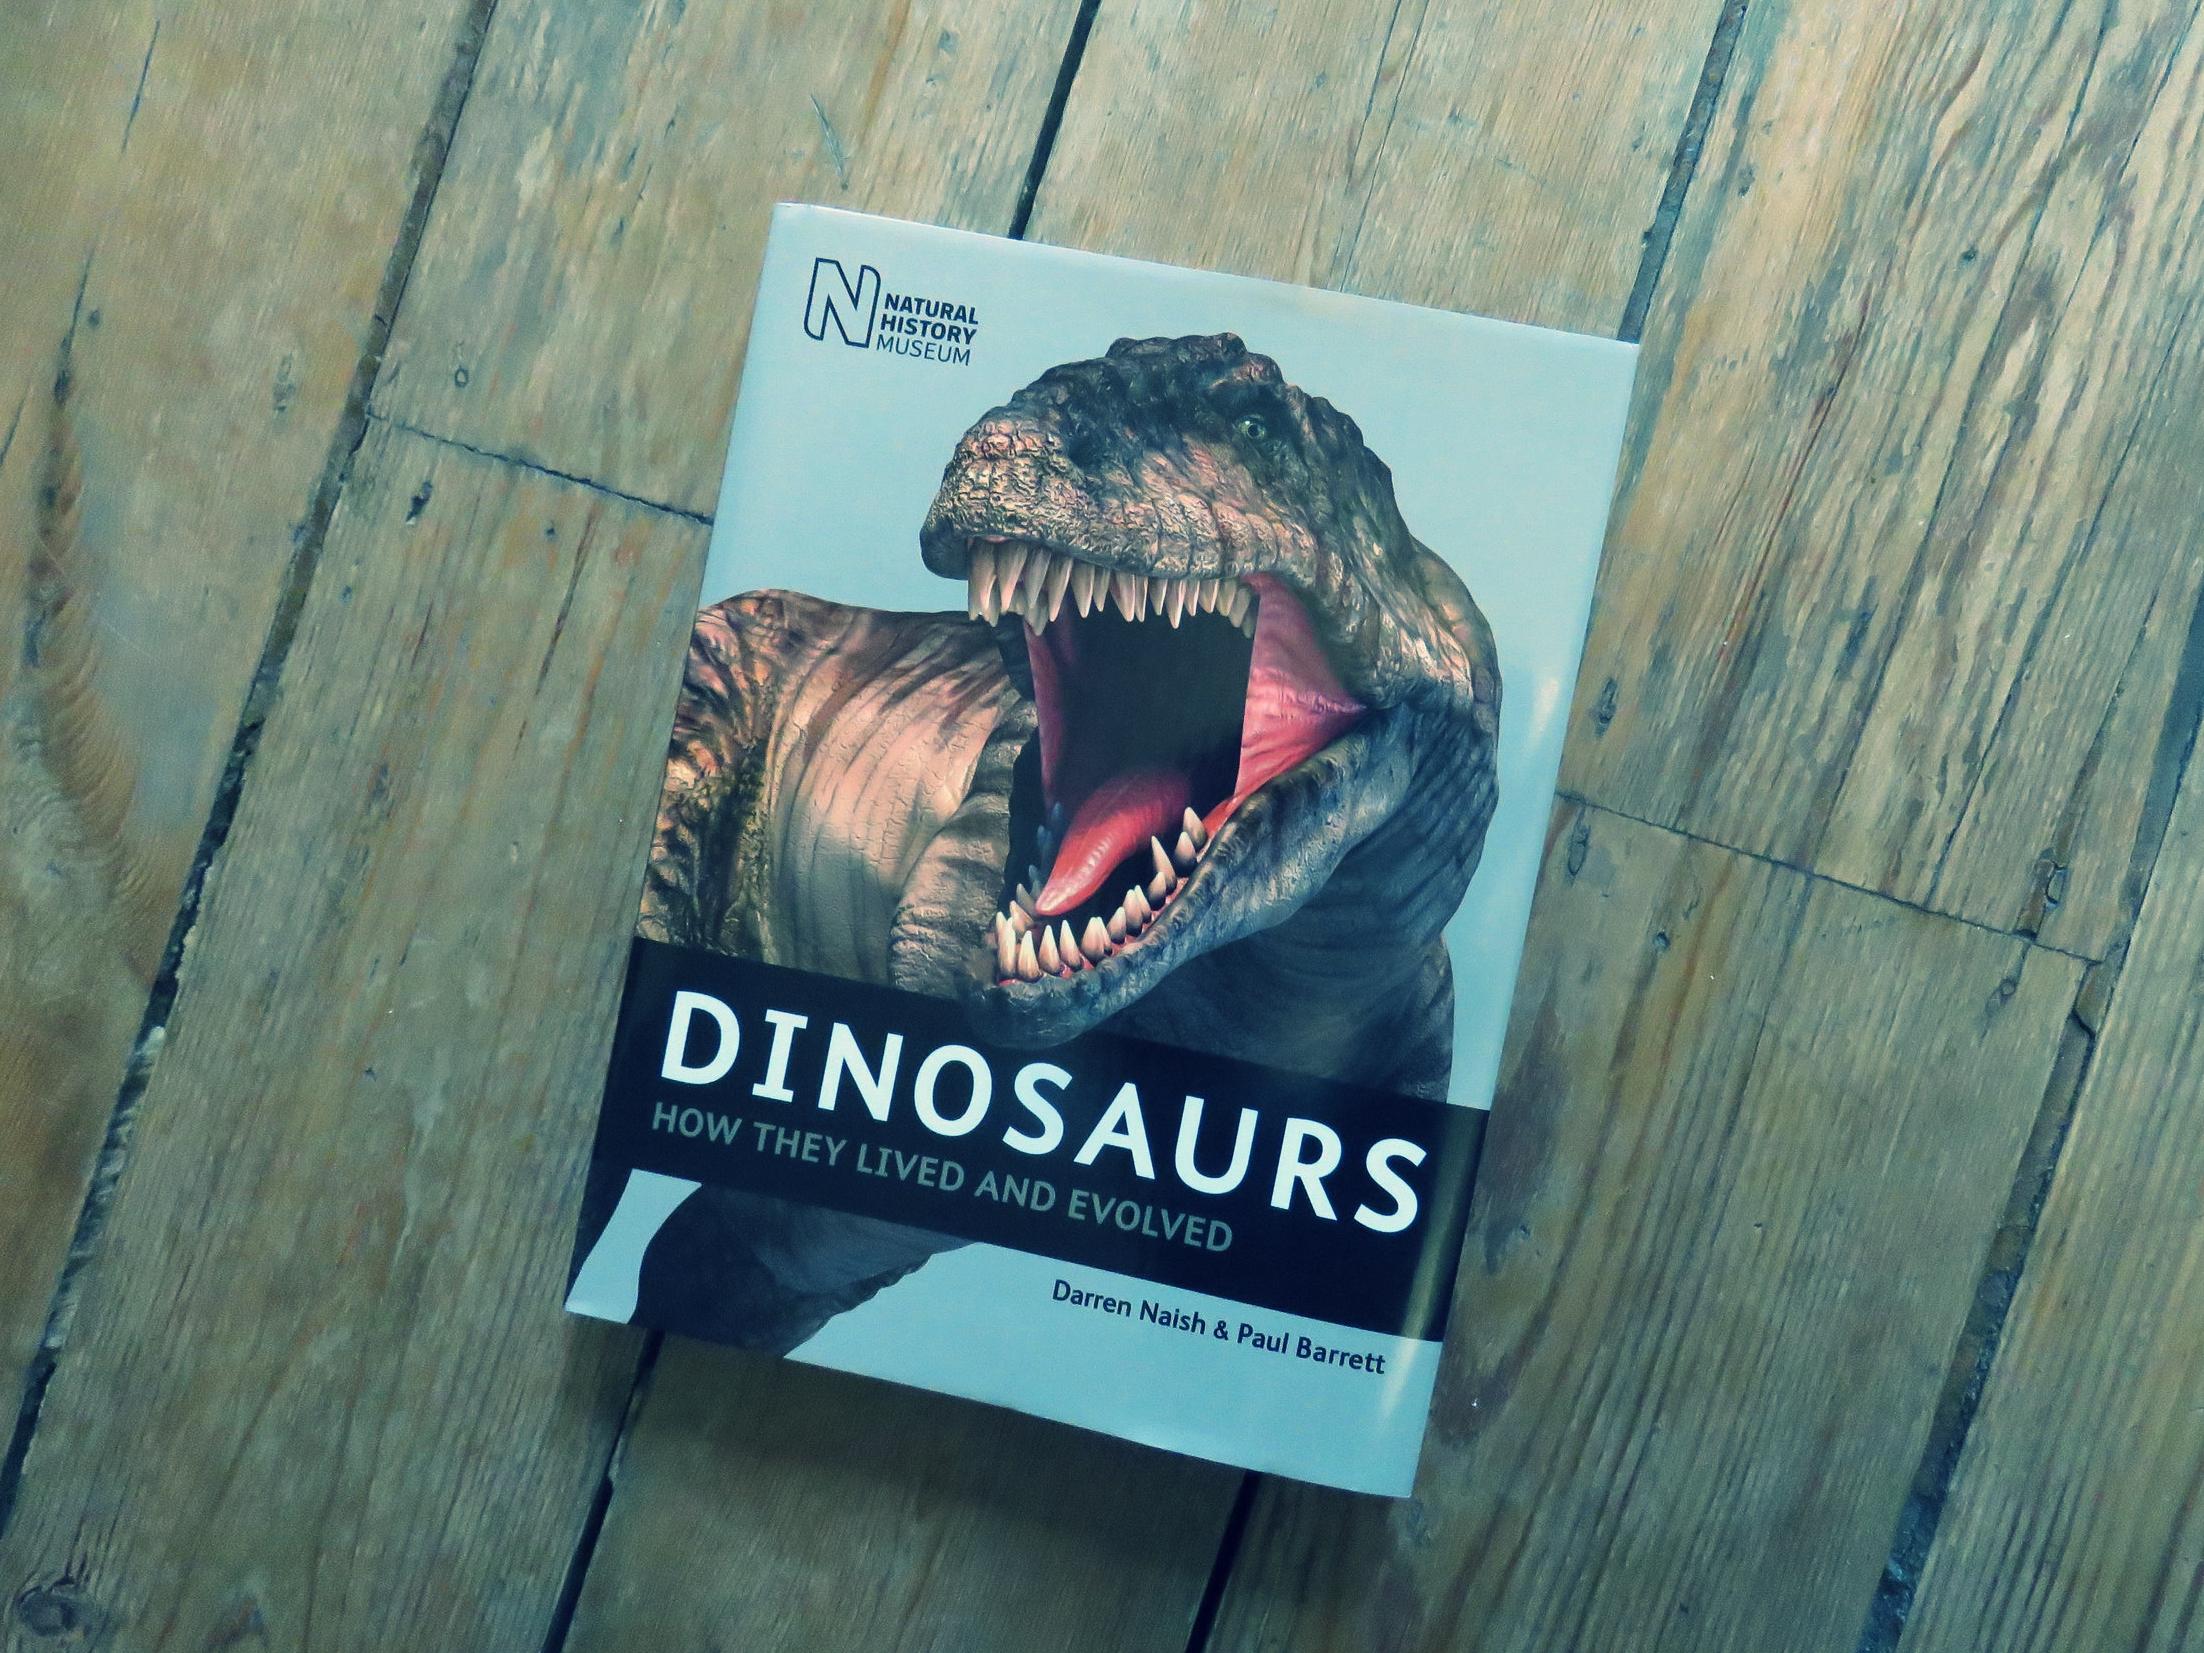 My copy of Darren's book